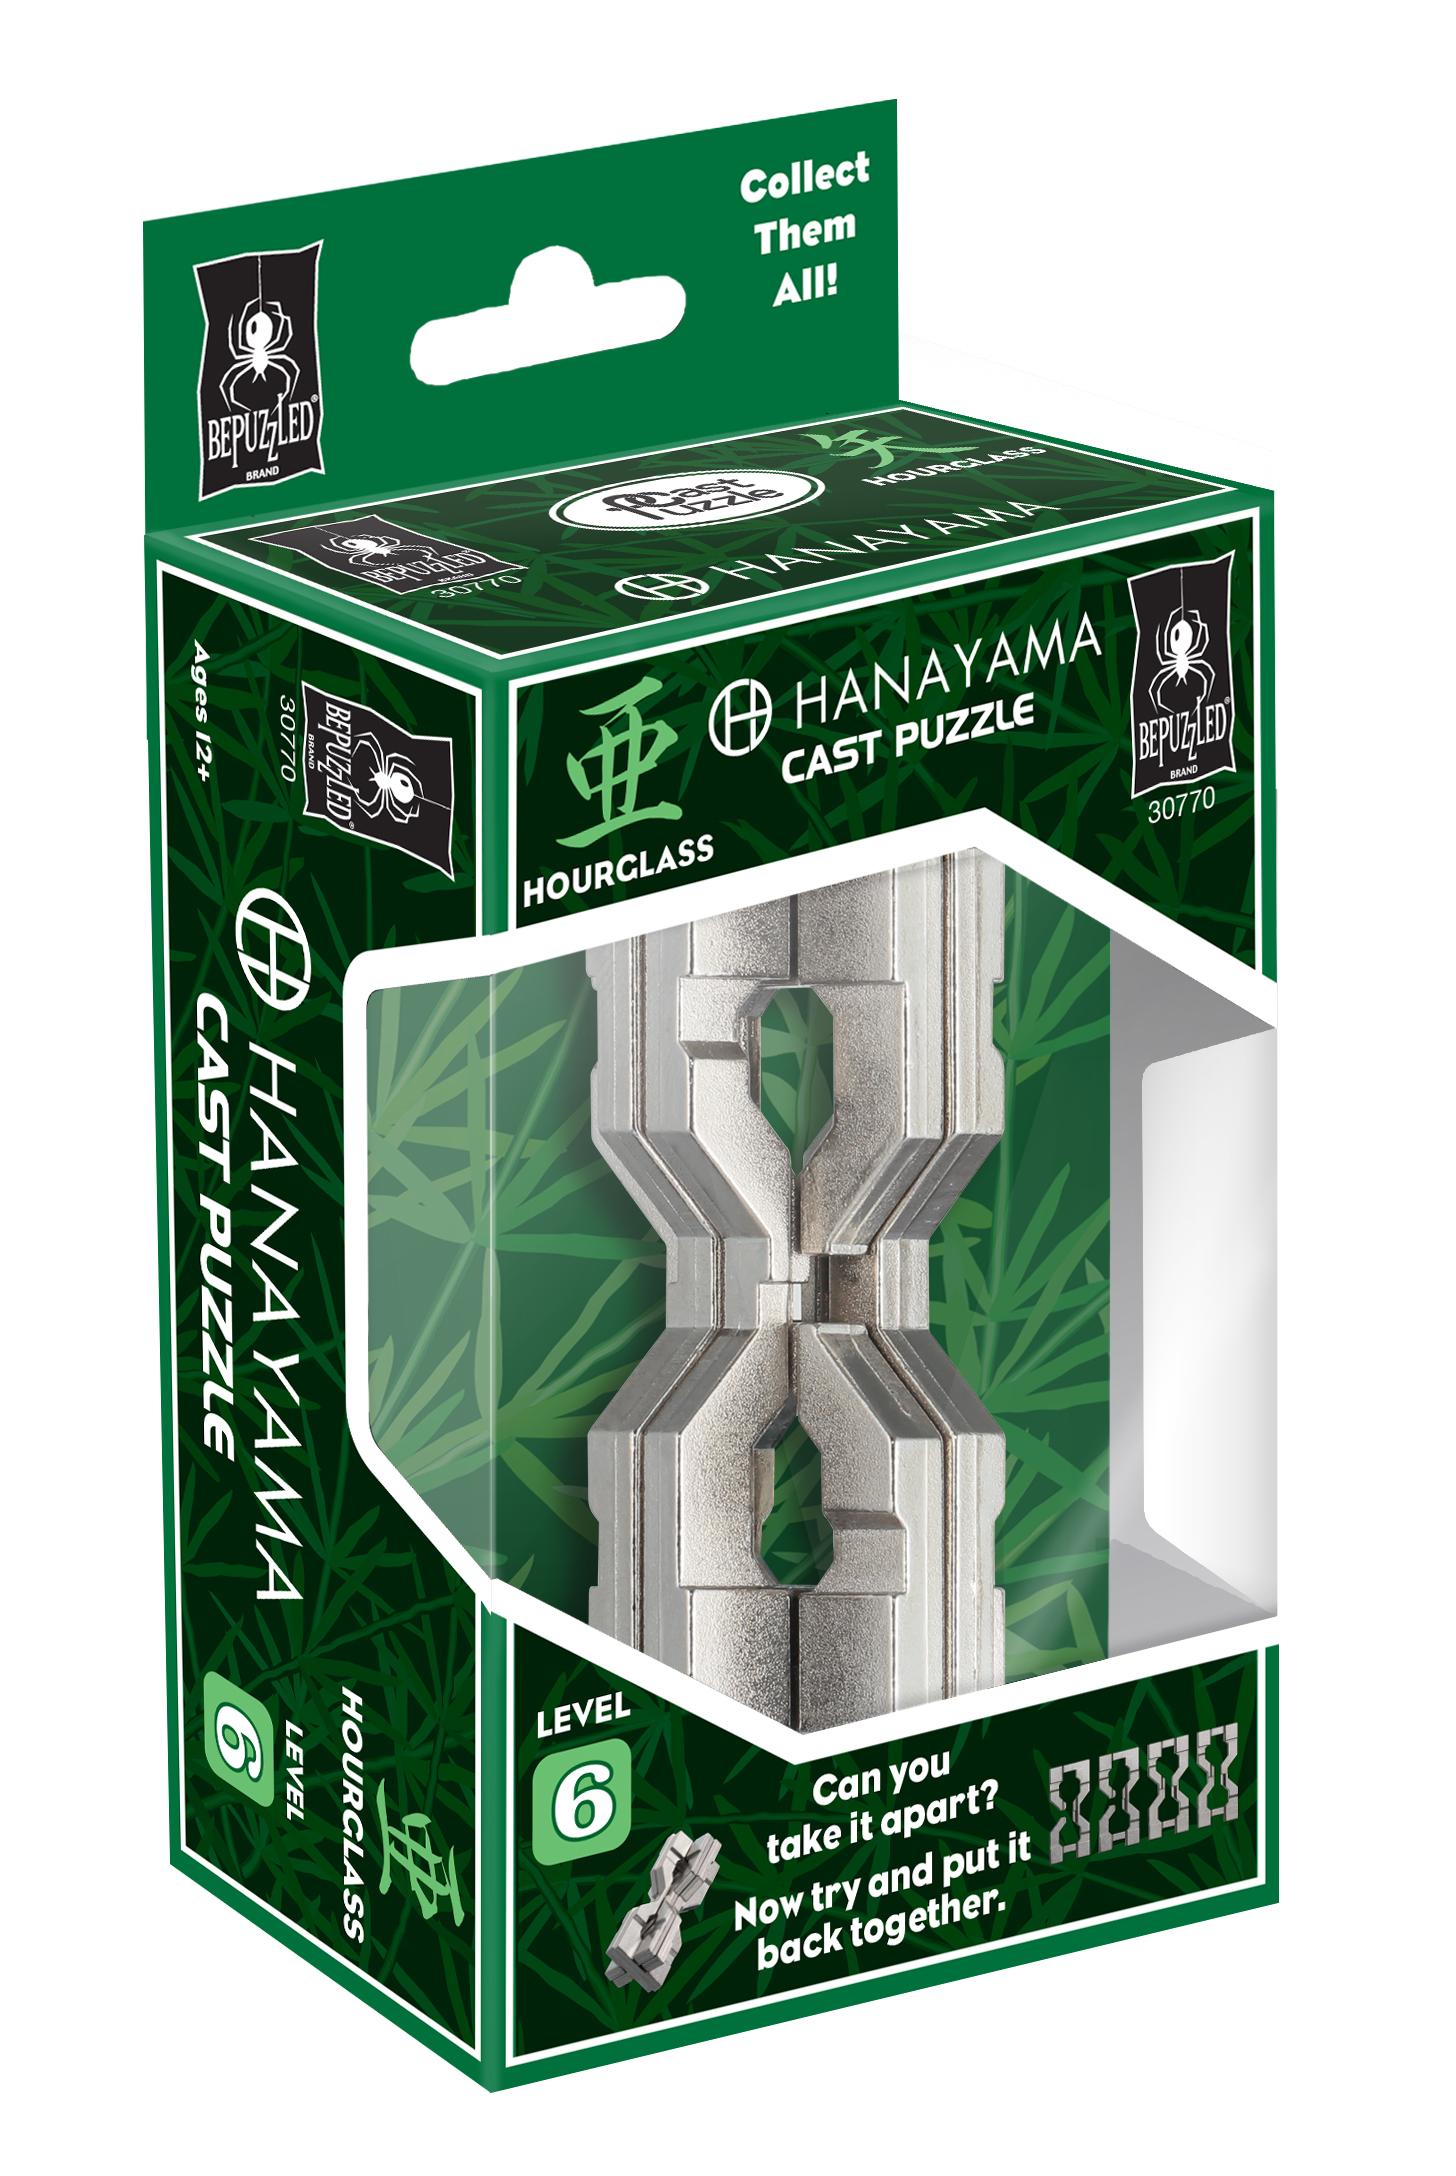 30770_HourglassPuzzle[1]